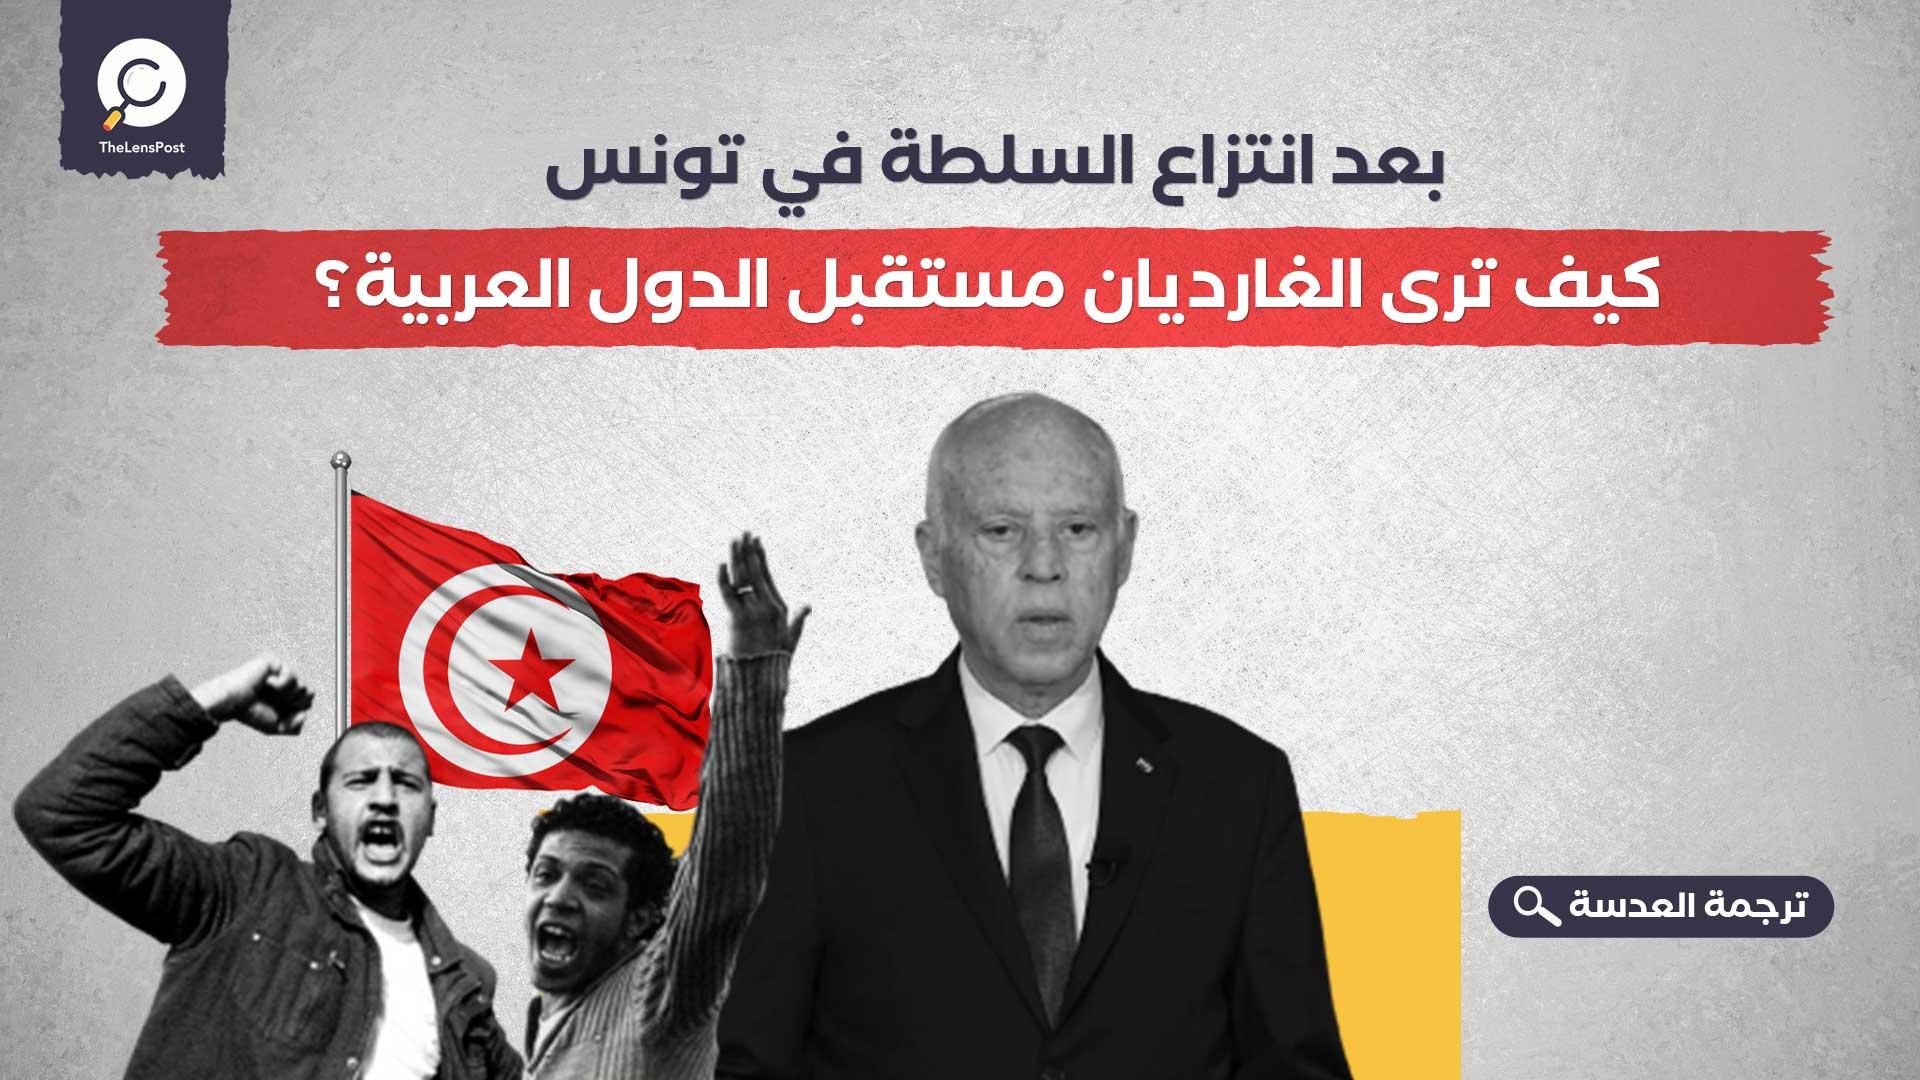 بعد انتزاع السلطة في تونس... كيف ترى الغارديان مستقبل الدول العربية؟